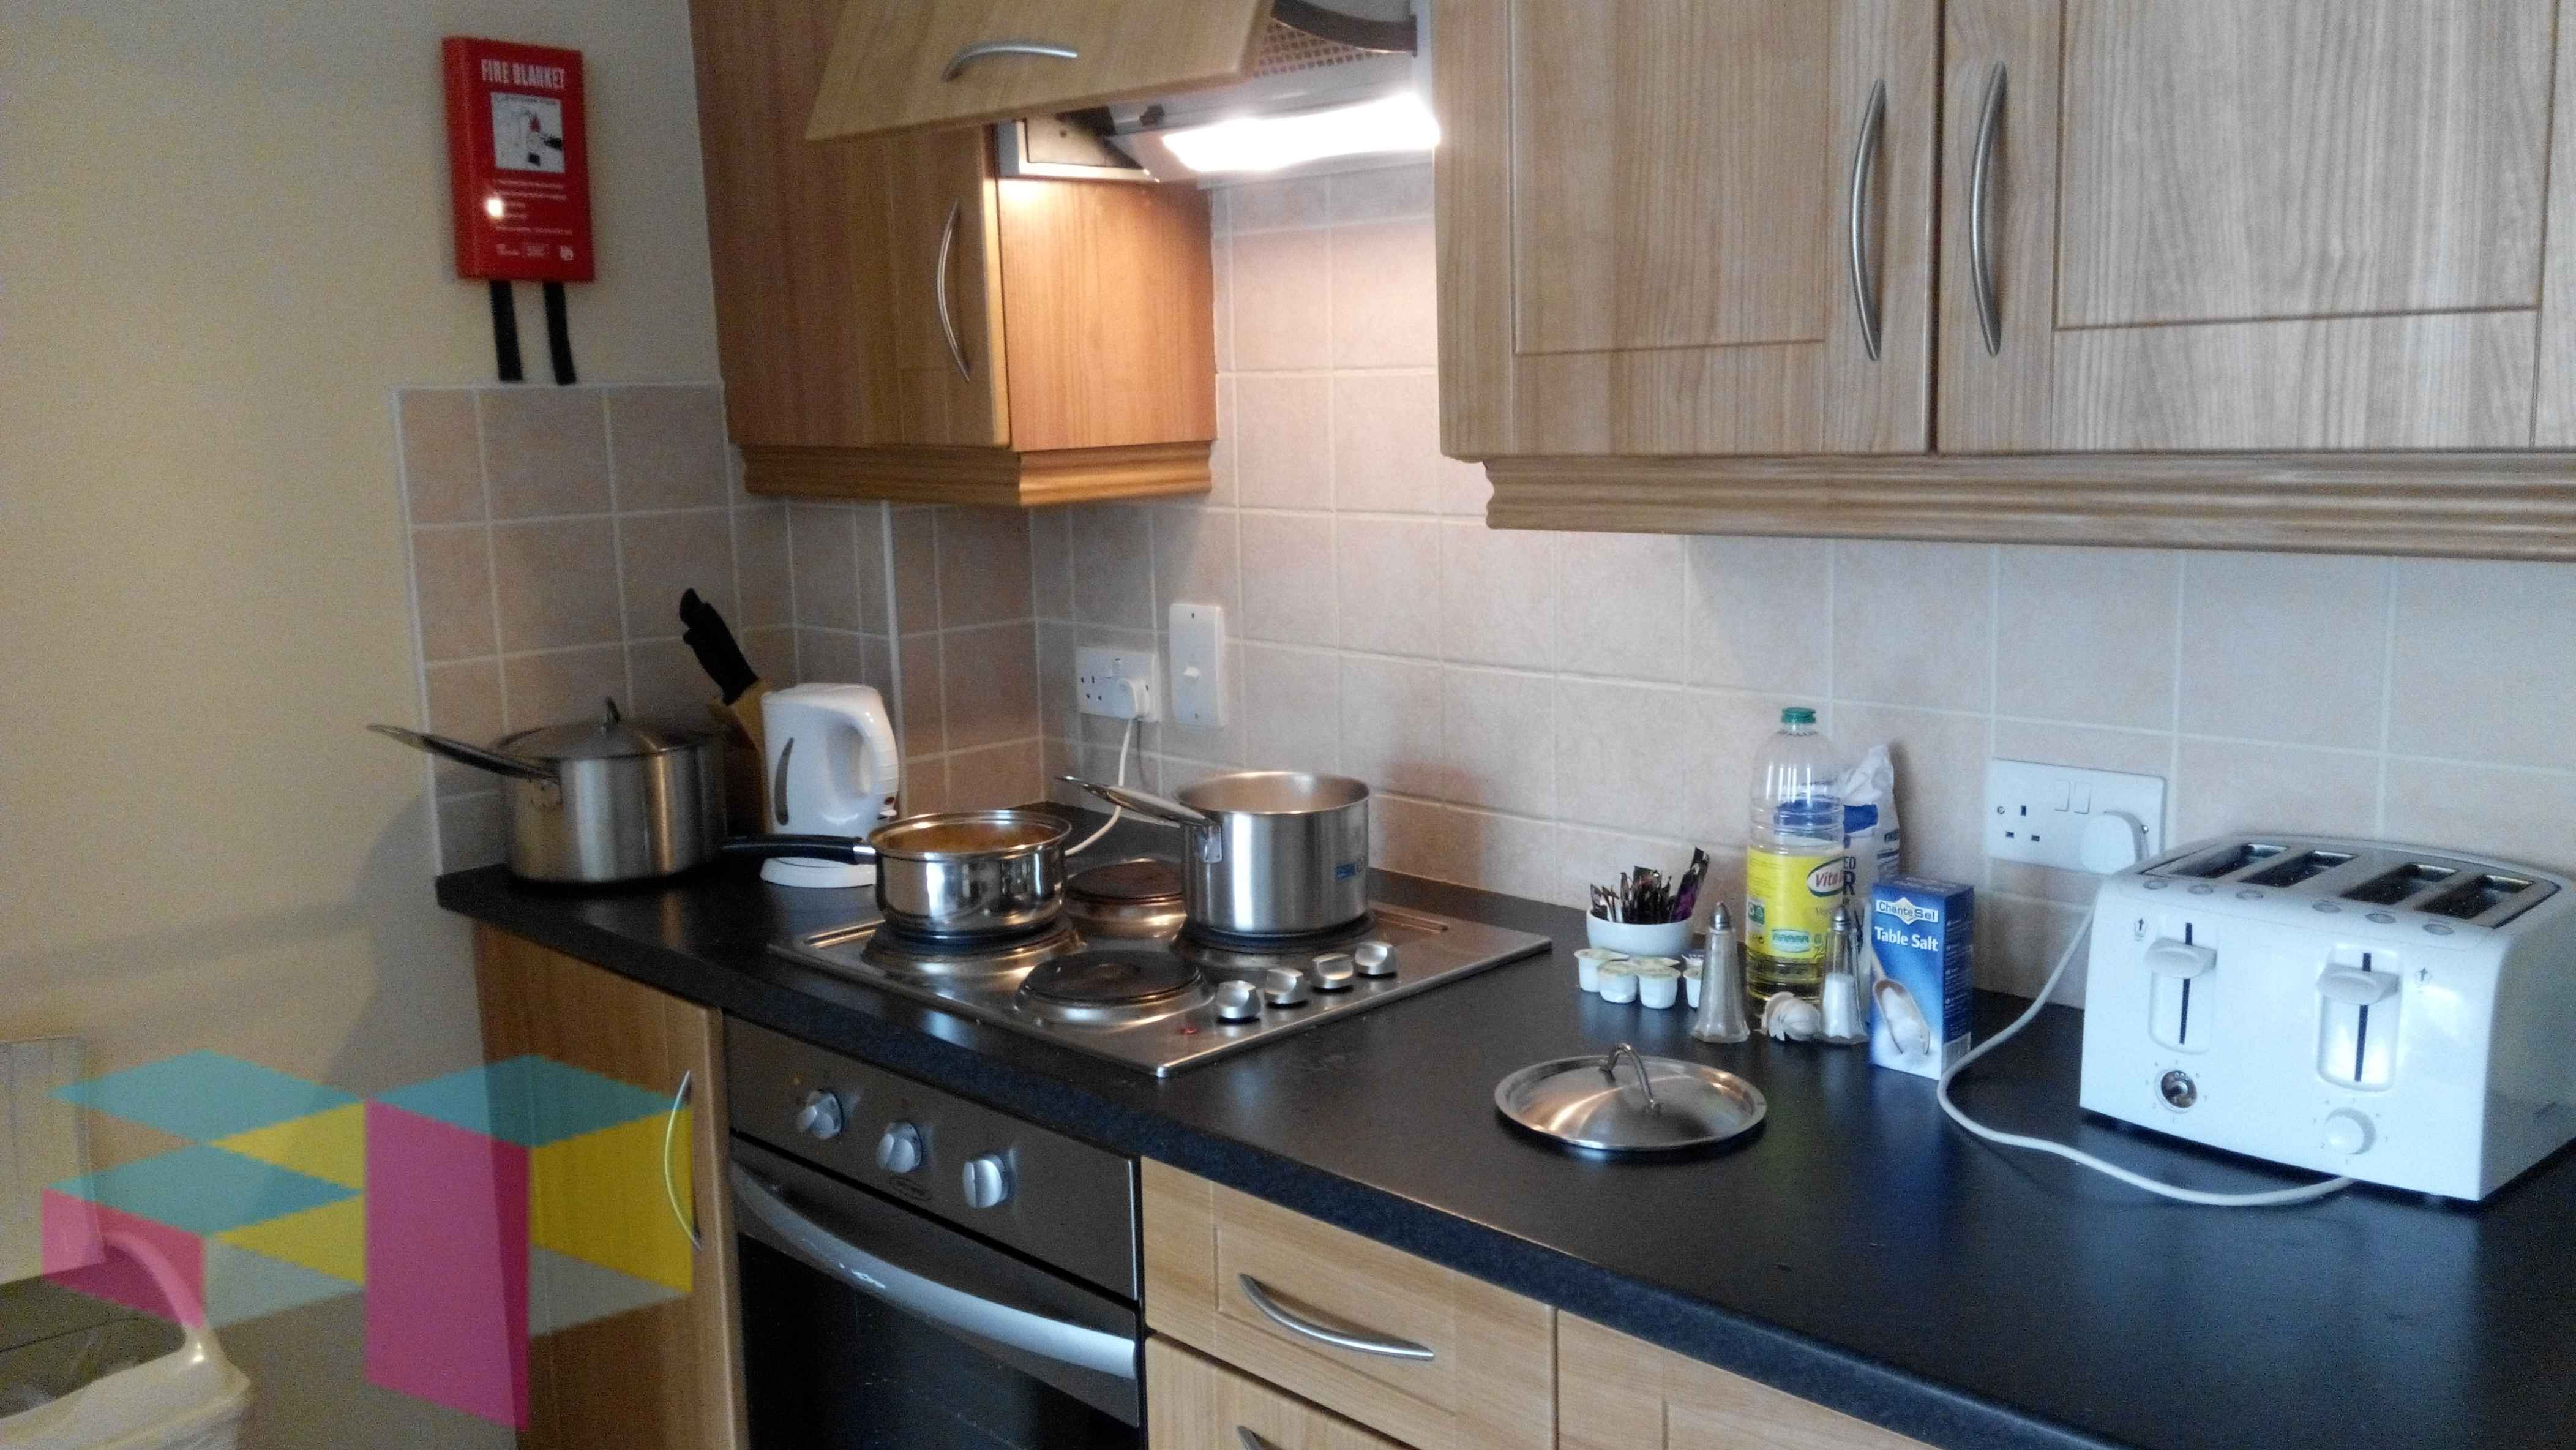 Dapur dalam apartment